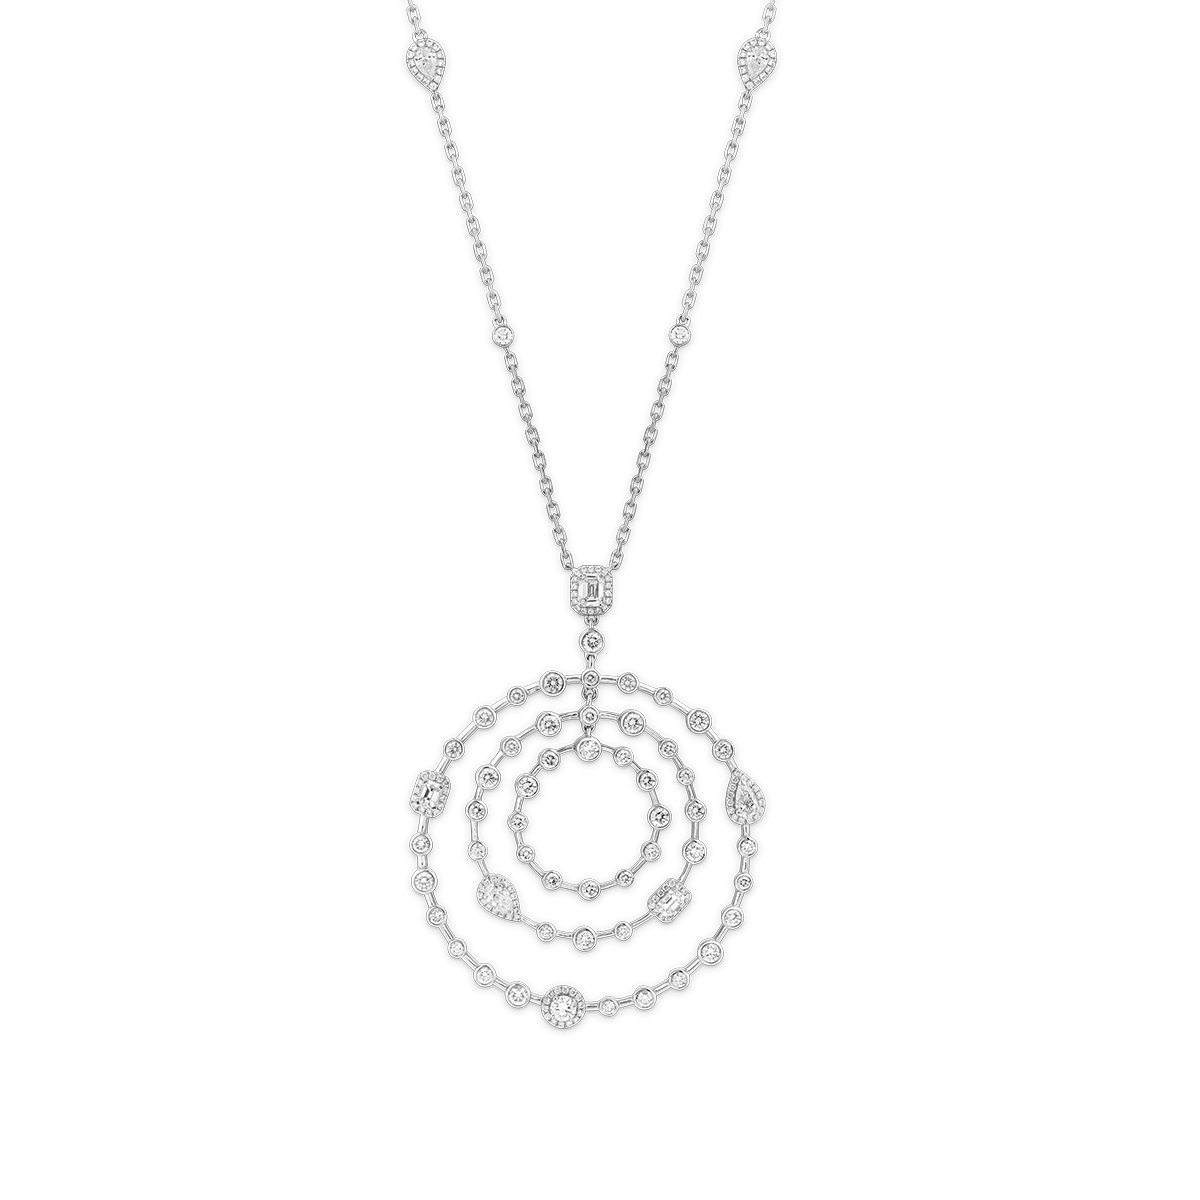 HAPPY Diamond Pendant